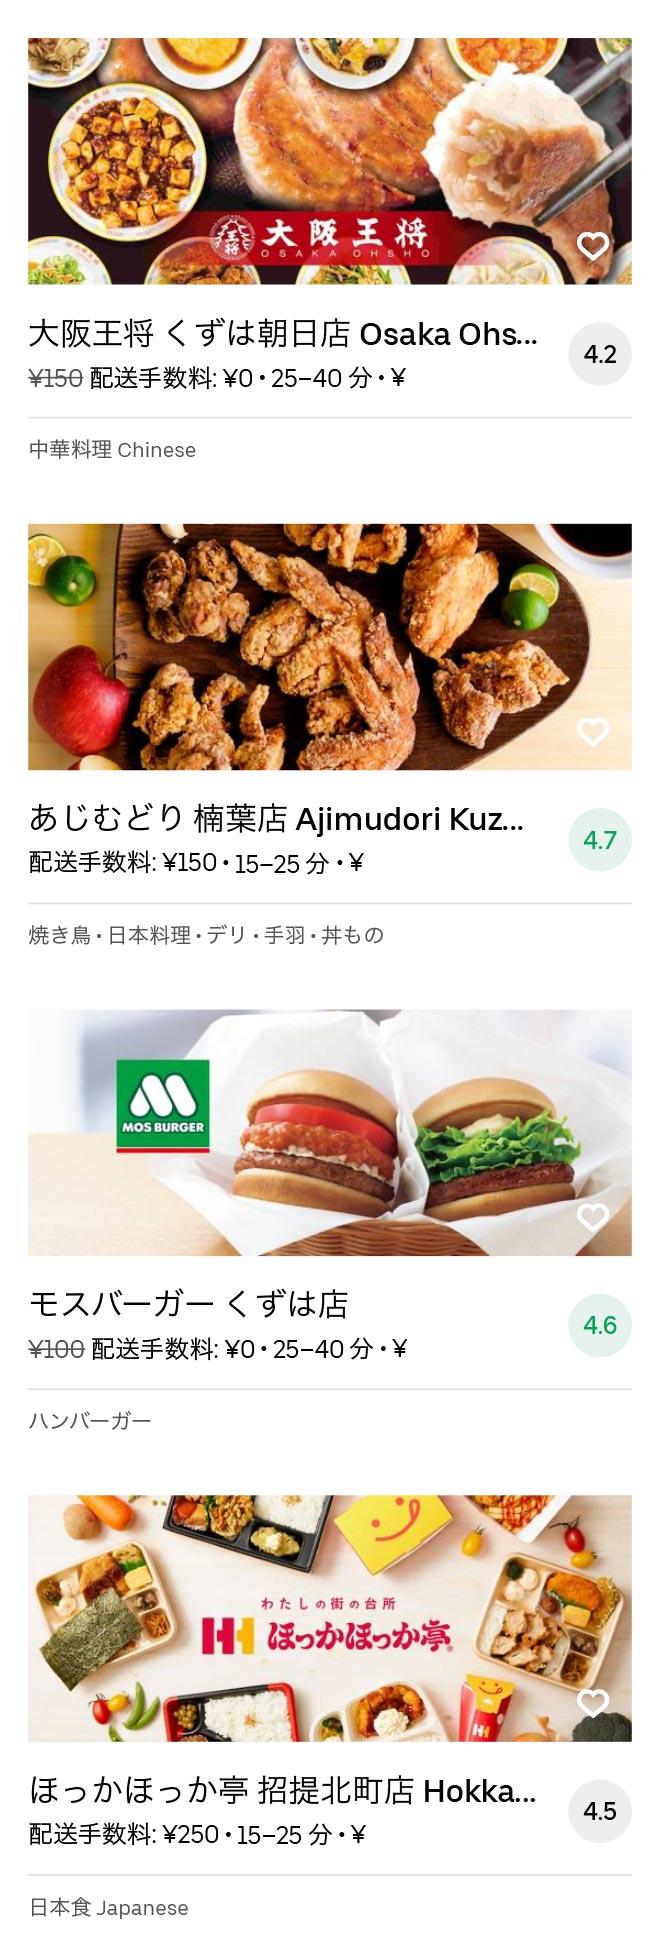 Kuzuha menu 2010 03